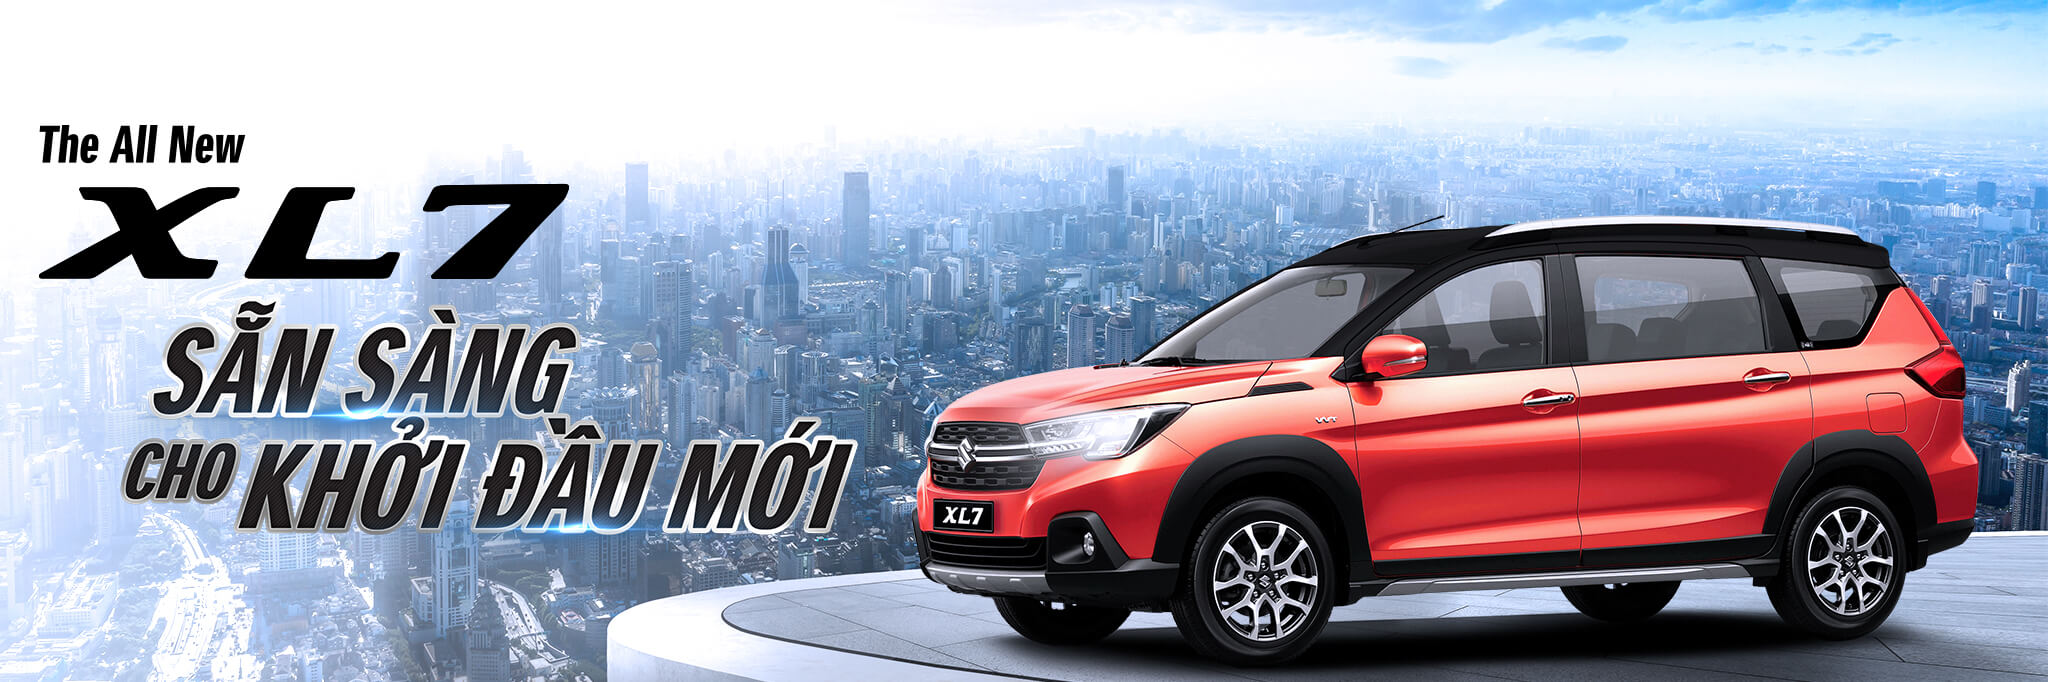 Suzuki All New XL7 31.12.2020 2048x682 1